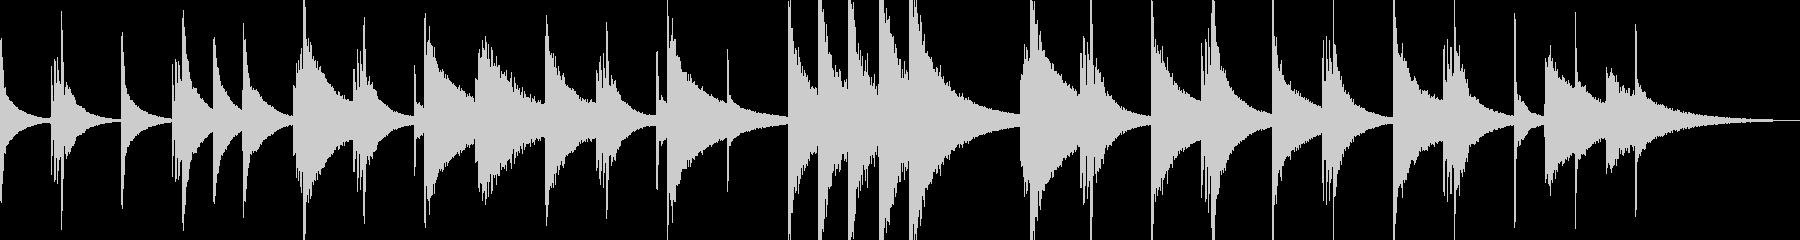 不穏、たくらみ、犯行【不気味なピアノ曲】の未再生の波形